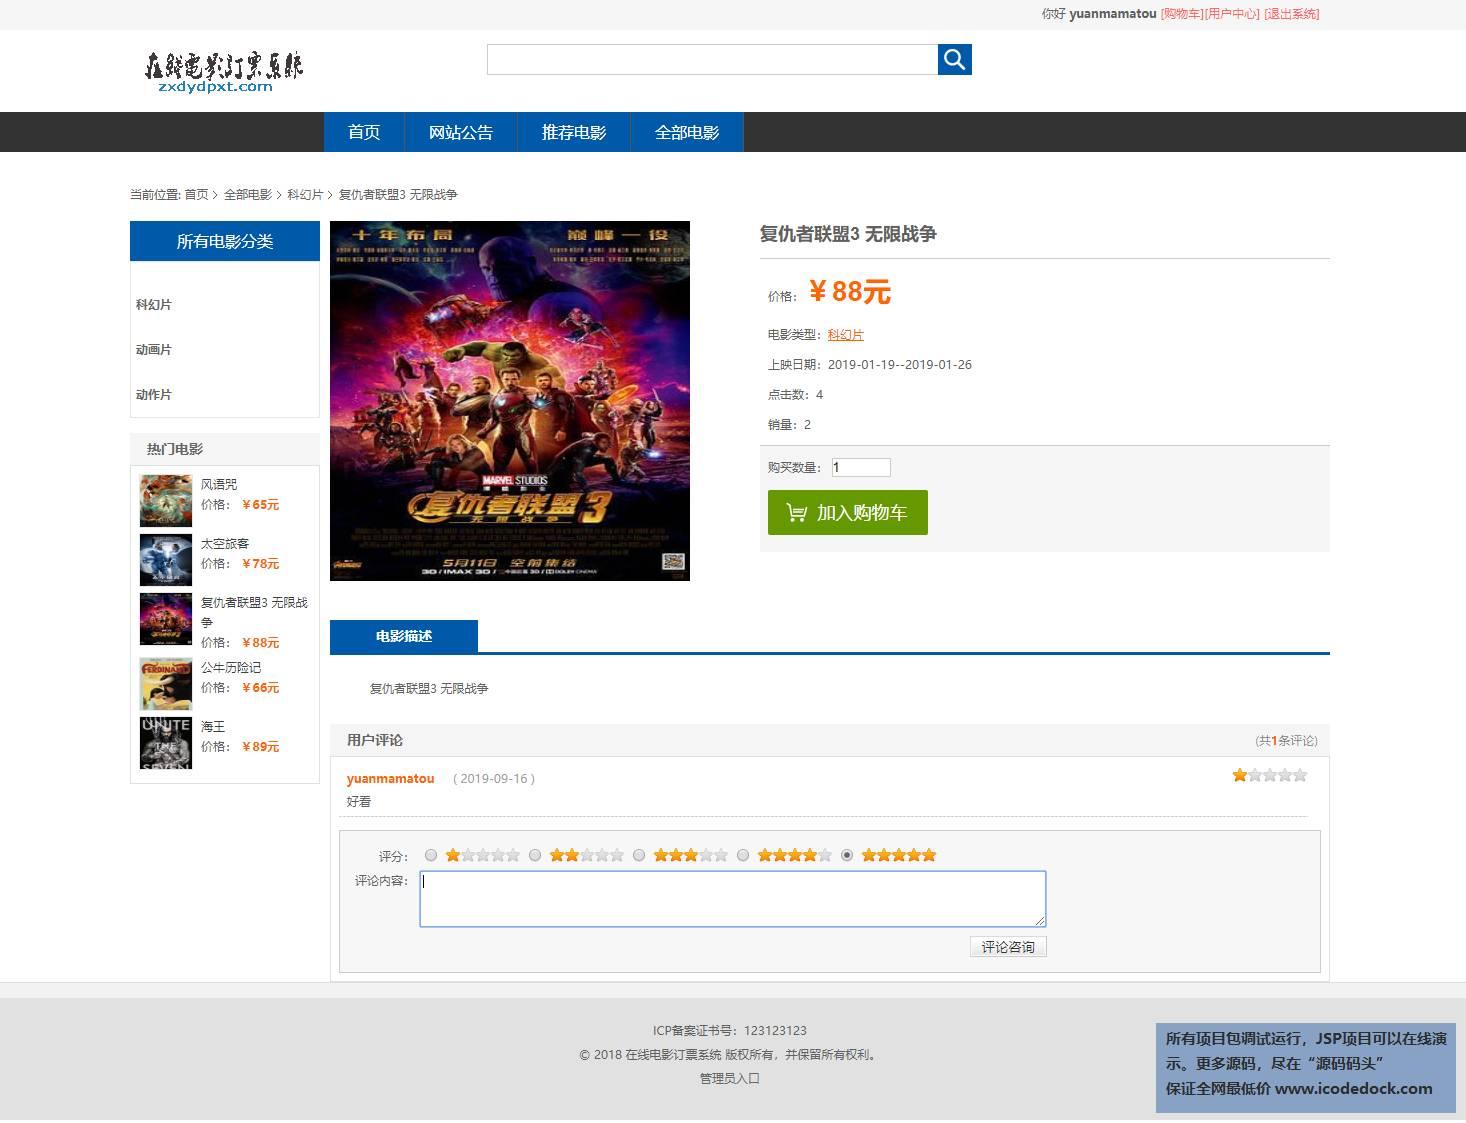 源码码头-SSM电影售票管理系统-用户角色-评价电影